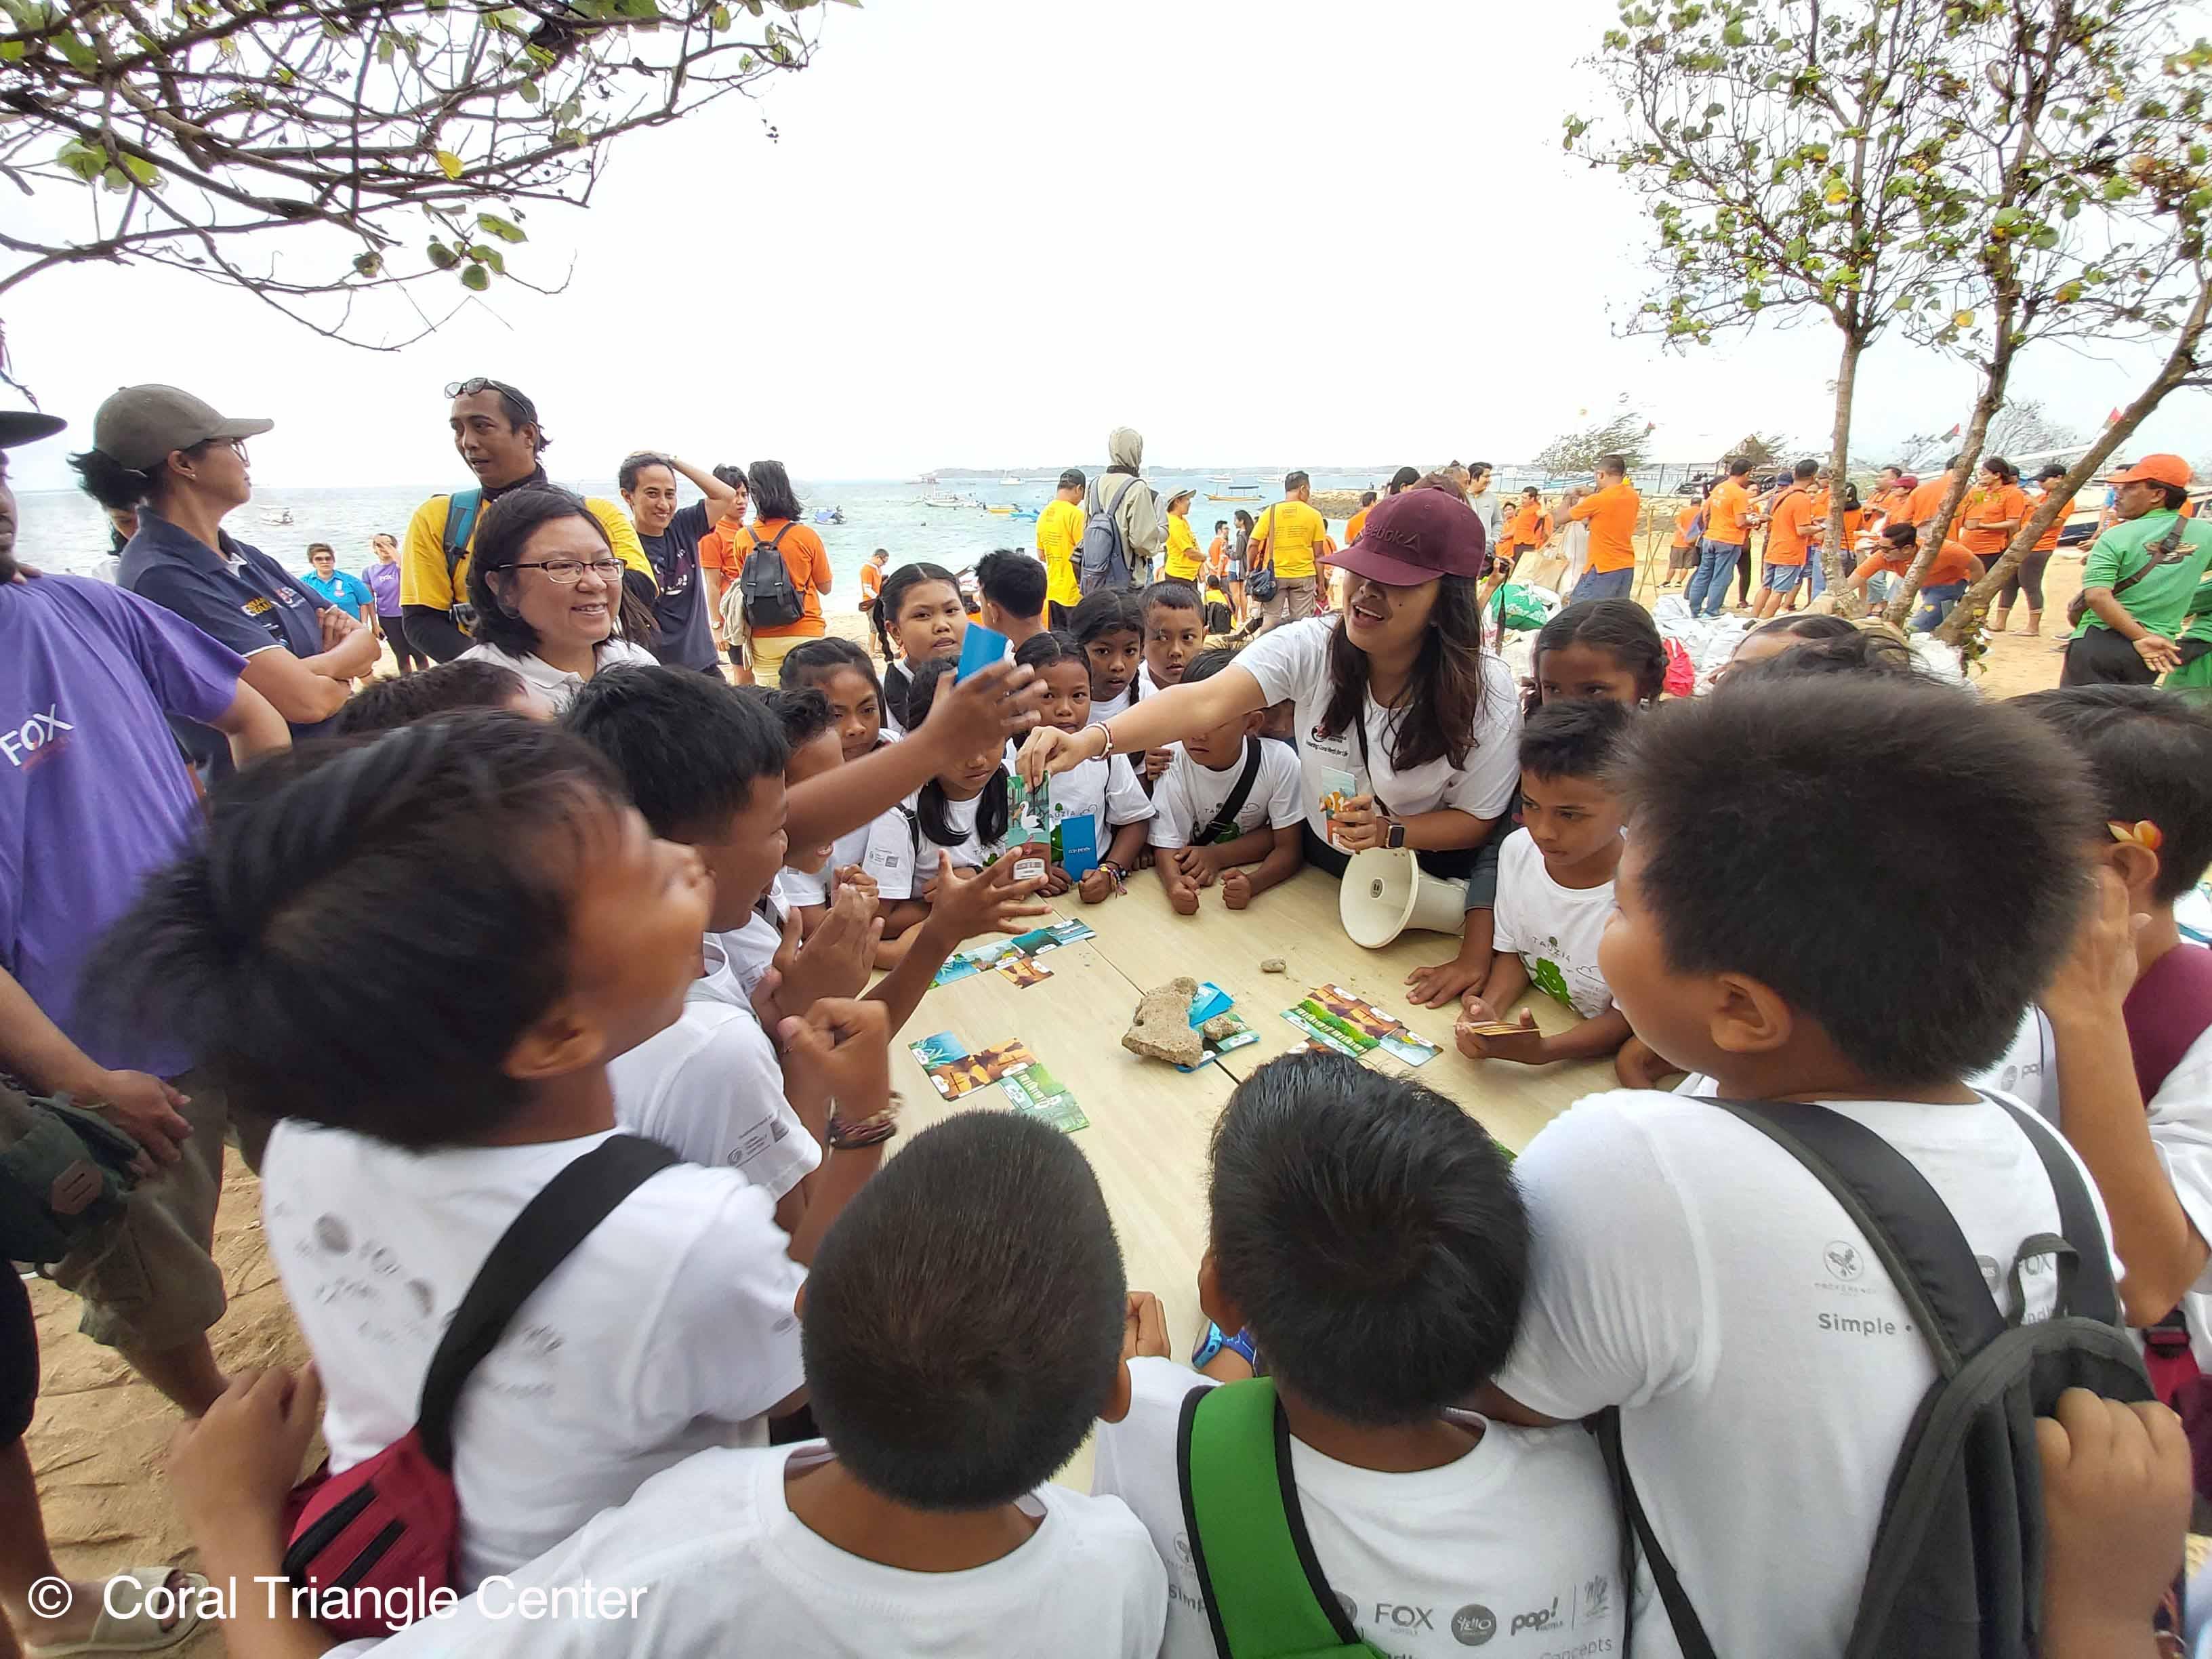 Anak-anak sekolah menhitung sampah plastik yang mereka kumpulkan di Pantai Mertasari, Sanur. Foto Coral Triangle Center.